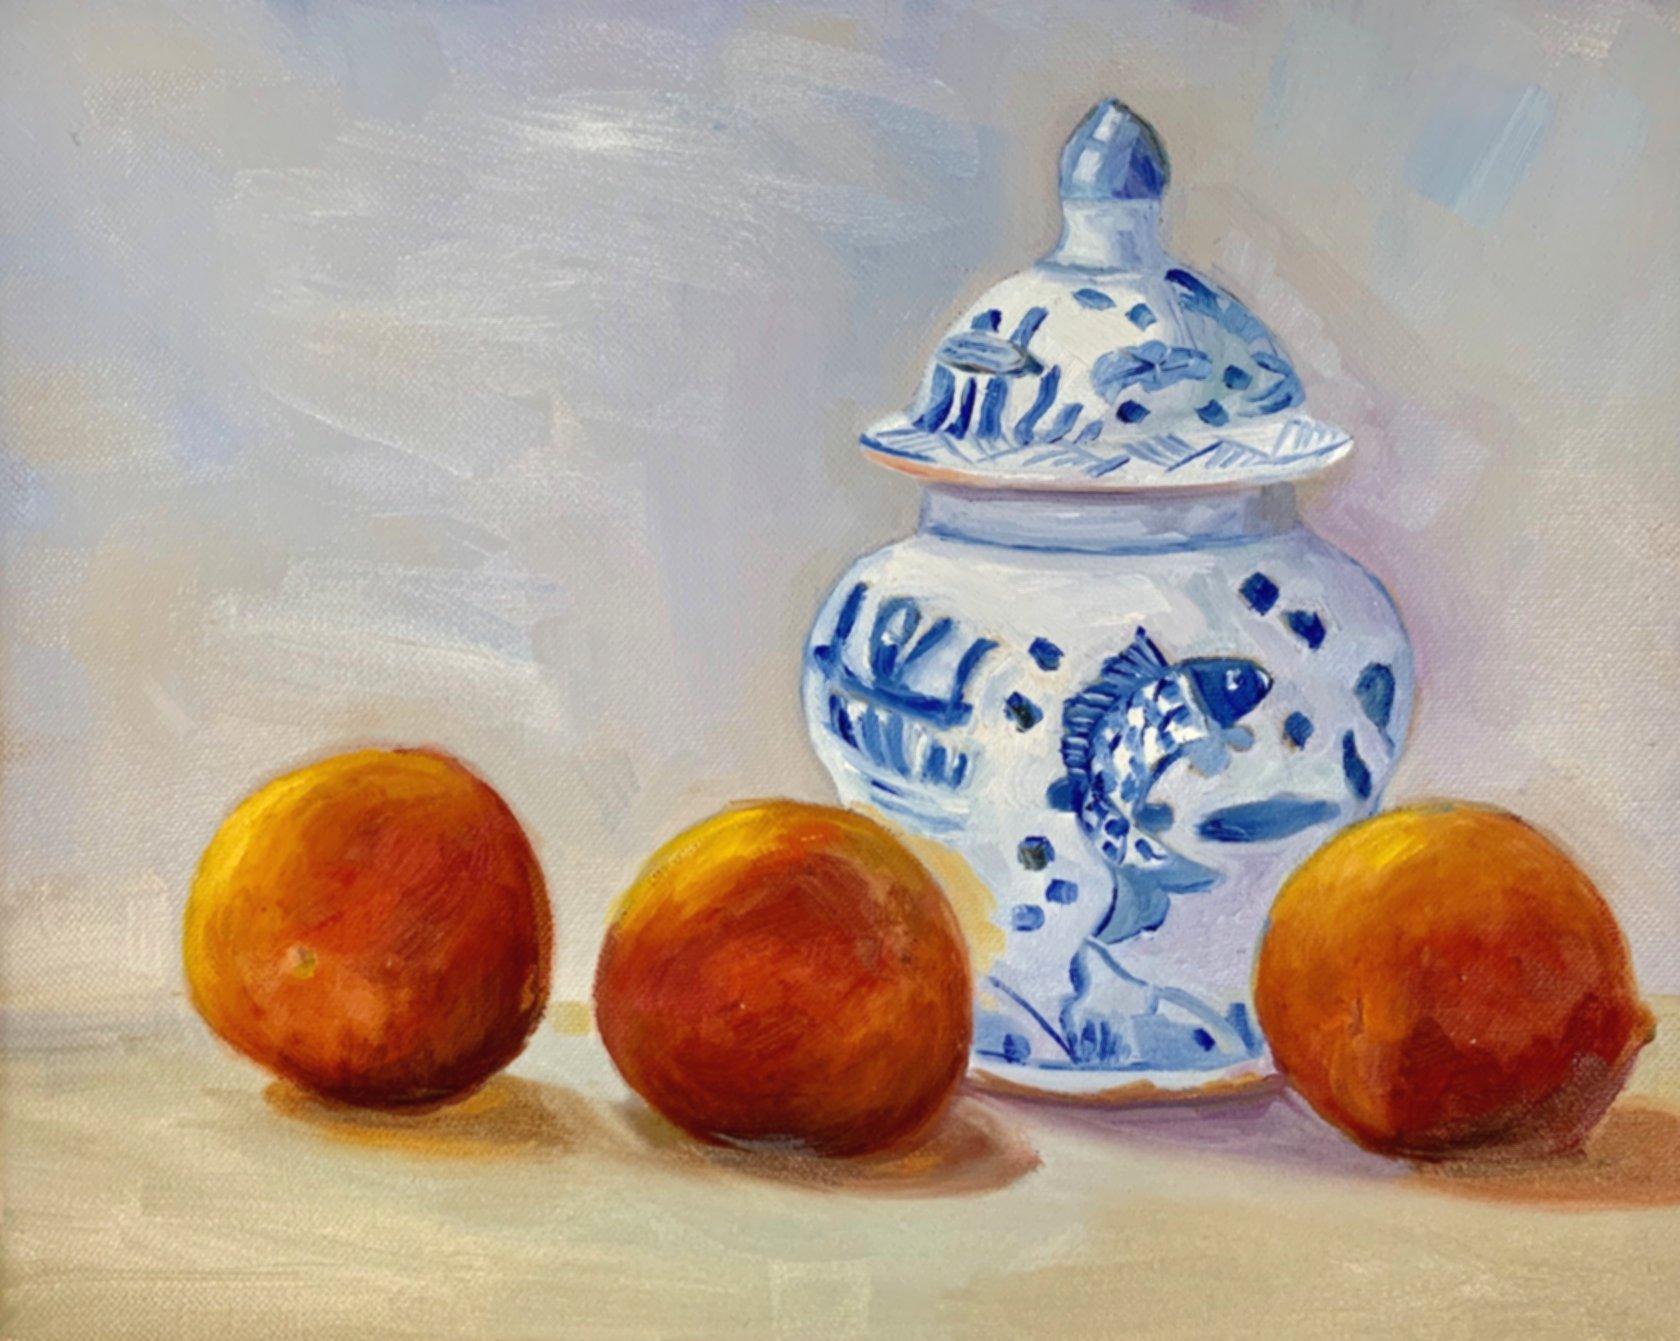 Peaches and Cream 11 x 14